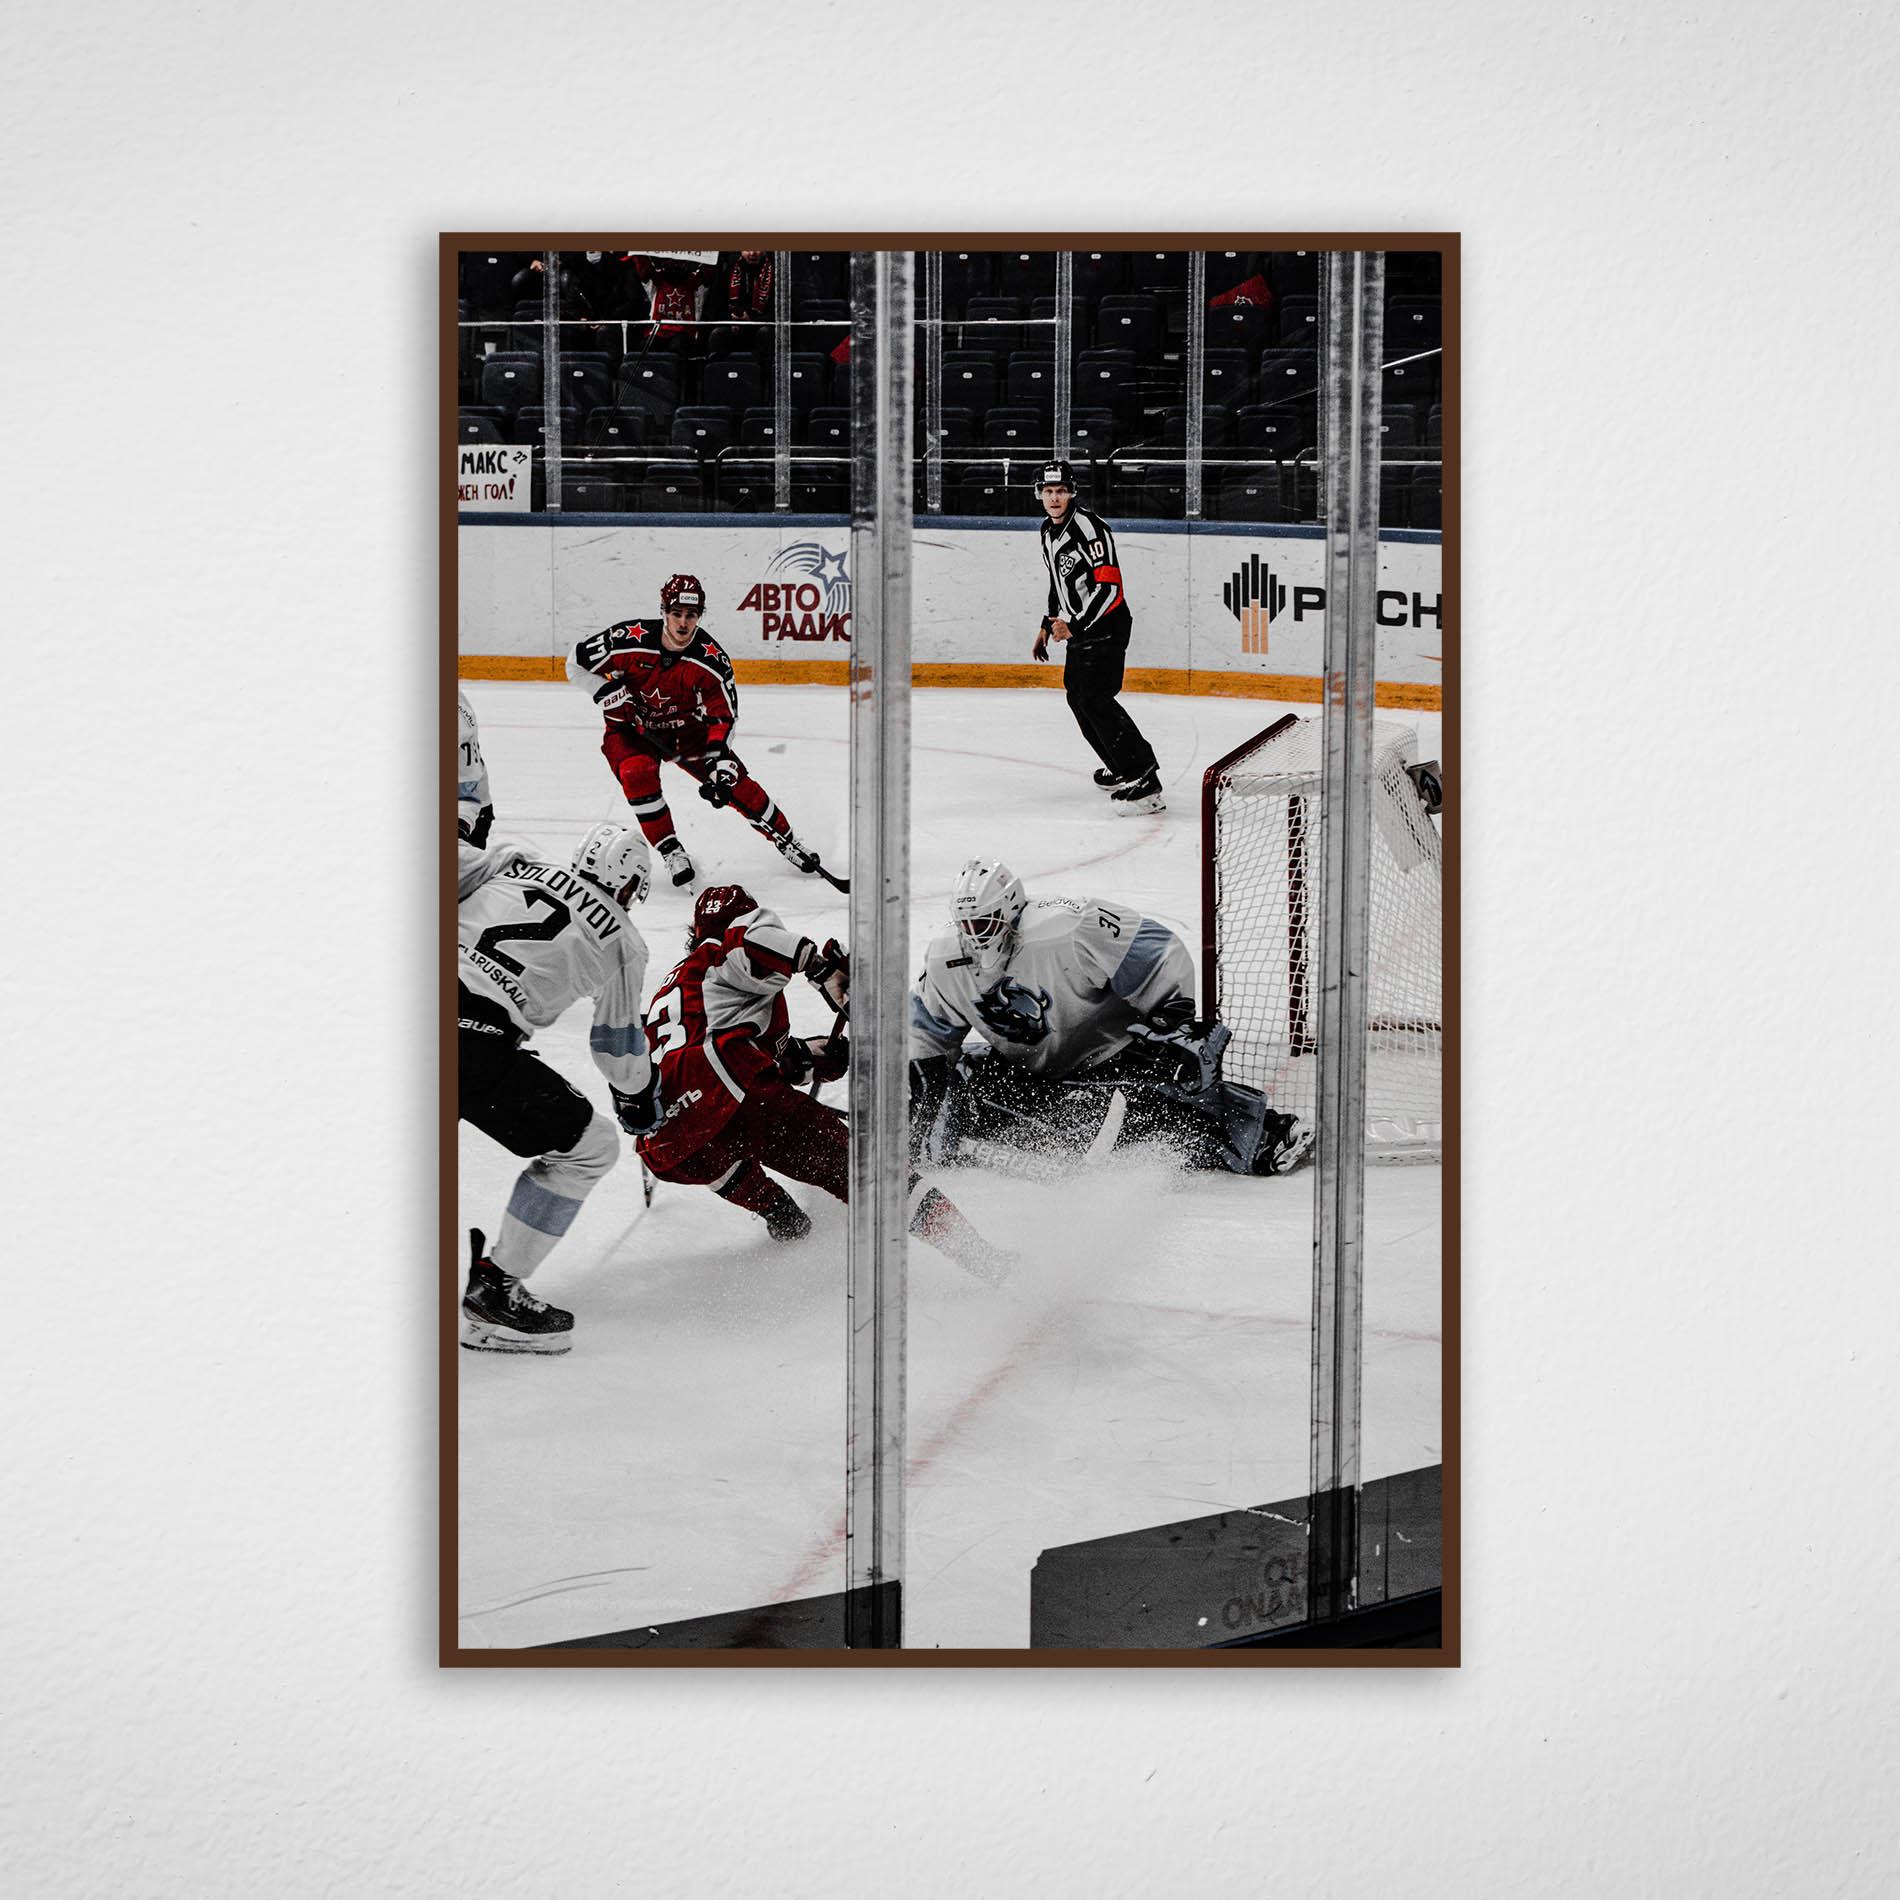 Quadro de Hockey